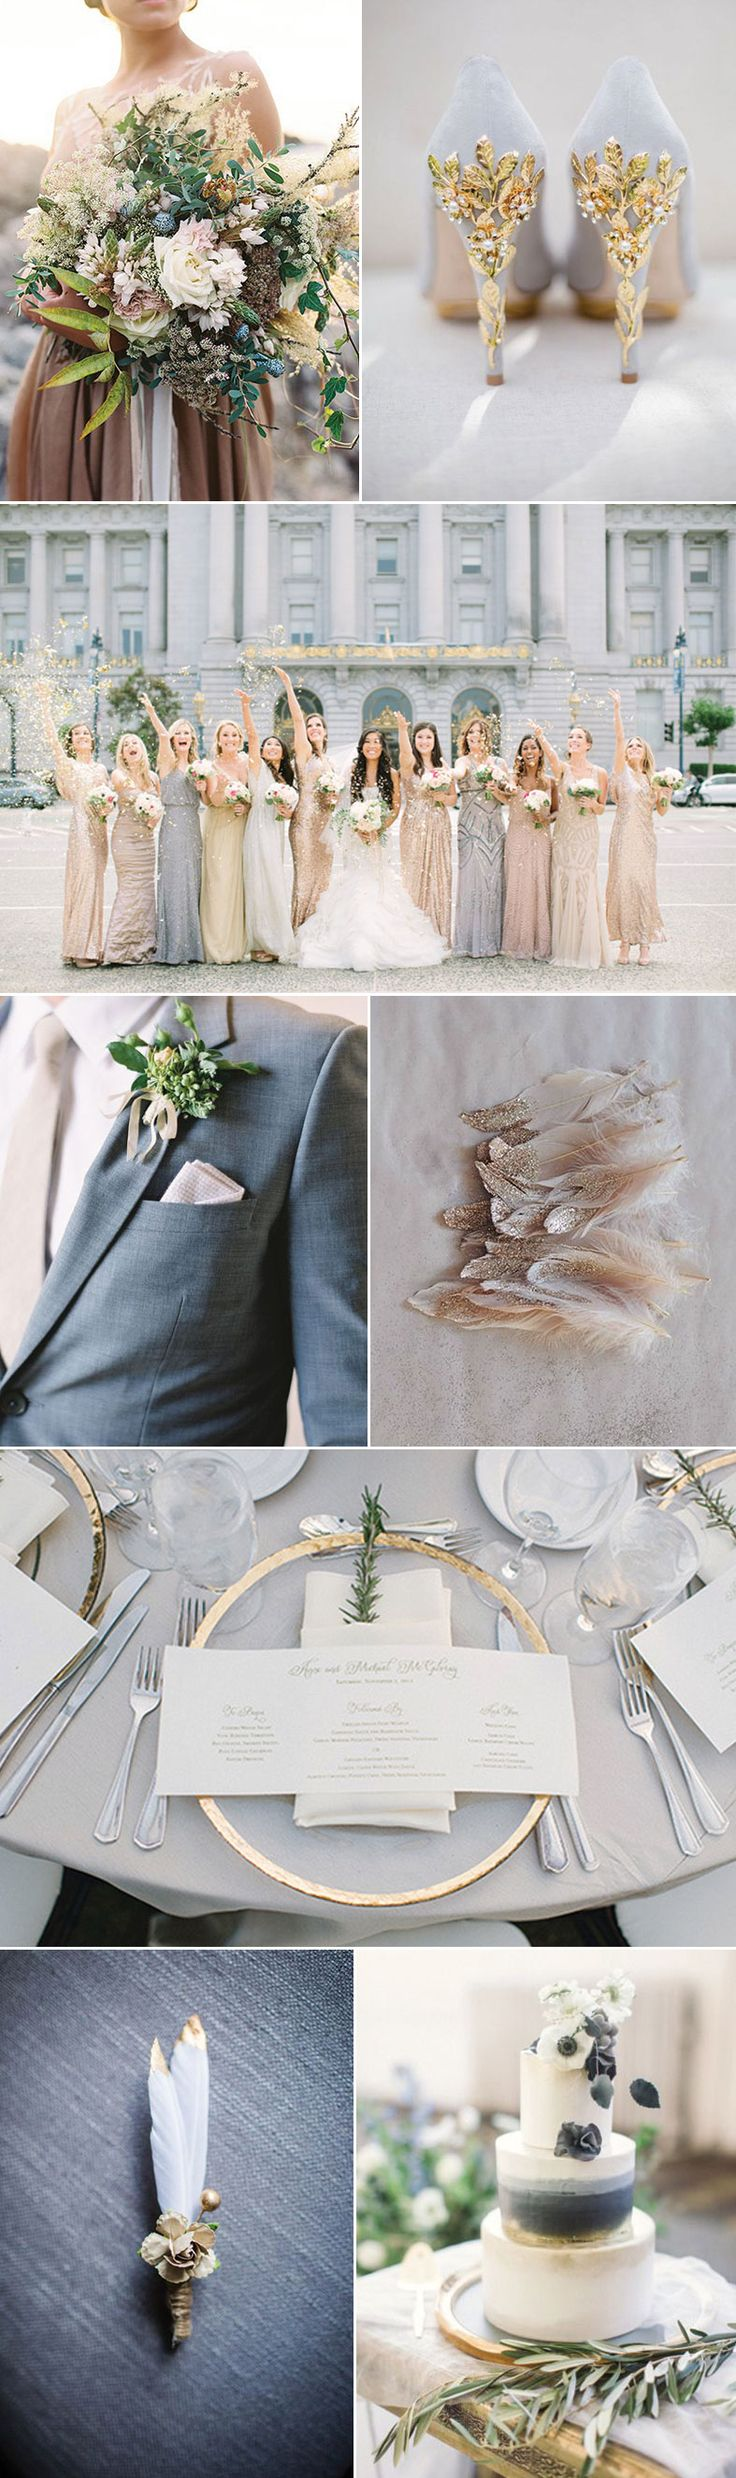 Best 225 Spring Wedding ideas on Pinterest | Wedding bouquets ...